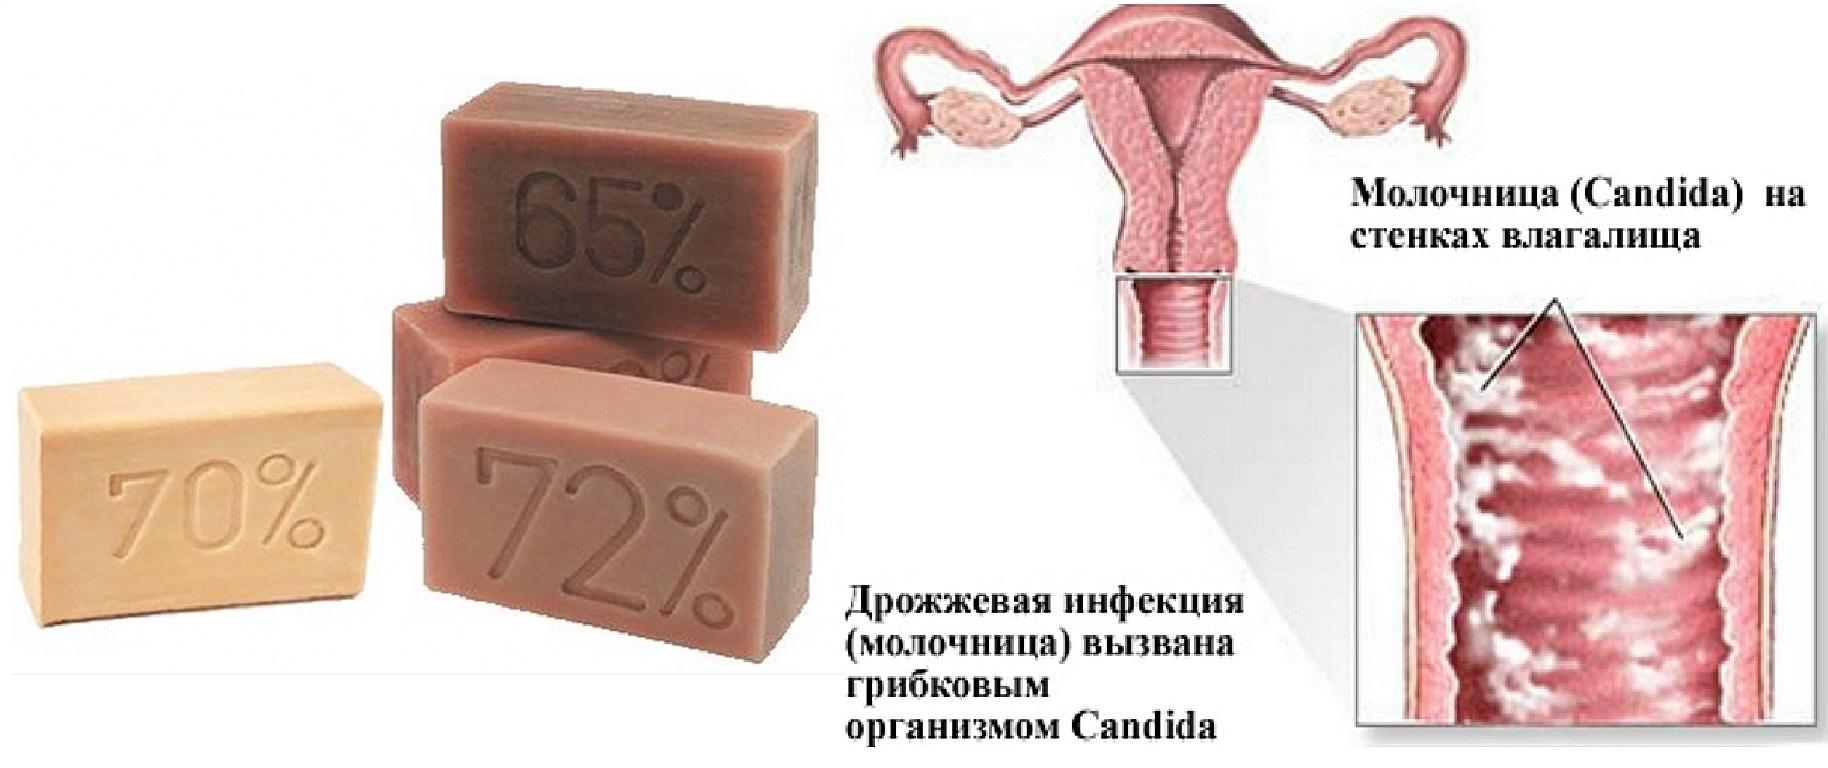 Свечи от воспаления в гинекологии : названия и способы применения